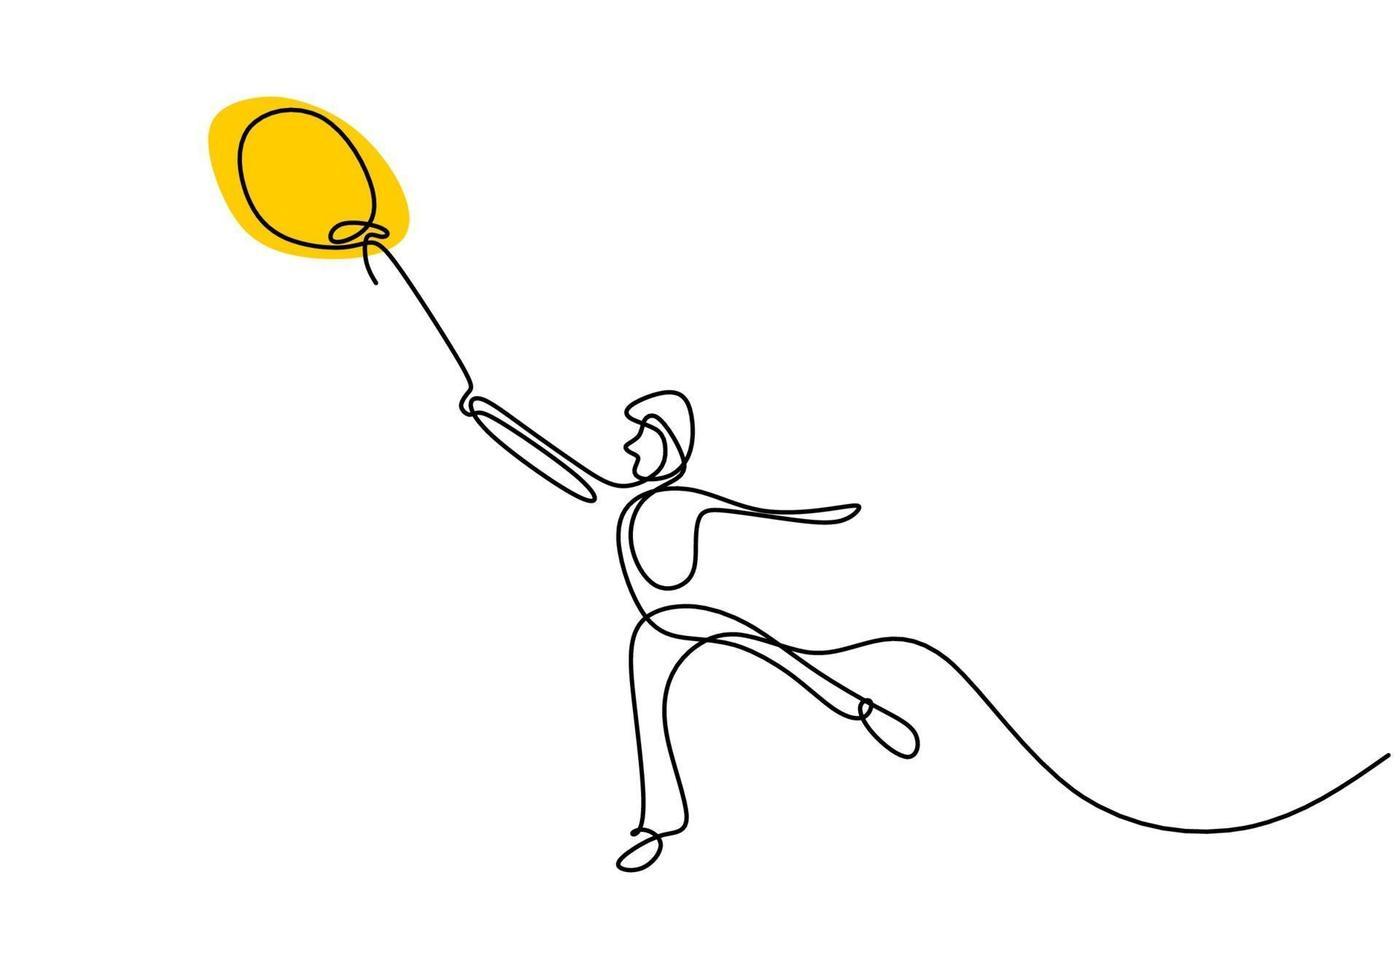 une ligne continue dessinant un homme adolescent tenant un ballon. heureux jeune garçon jouant à la montgolfière à l'extérieur pendant que la danse et courir la main dessiner le contour sur un fond blanc. expression de bonheur. vecteur